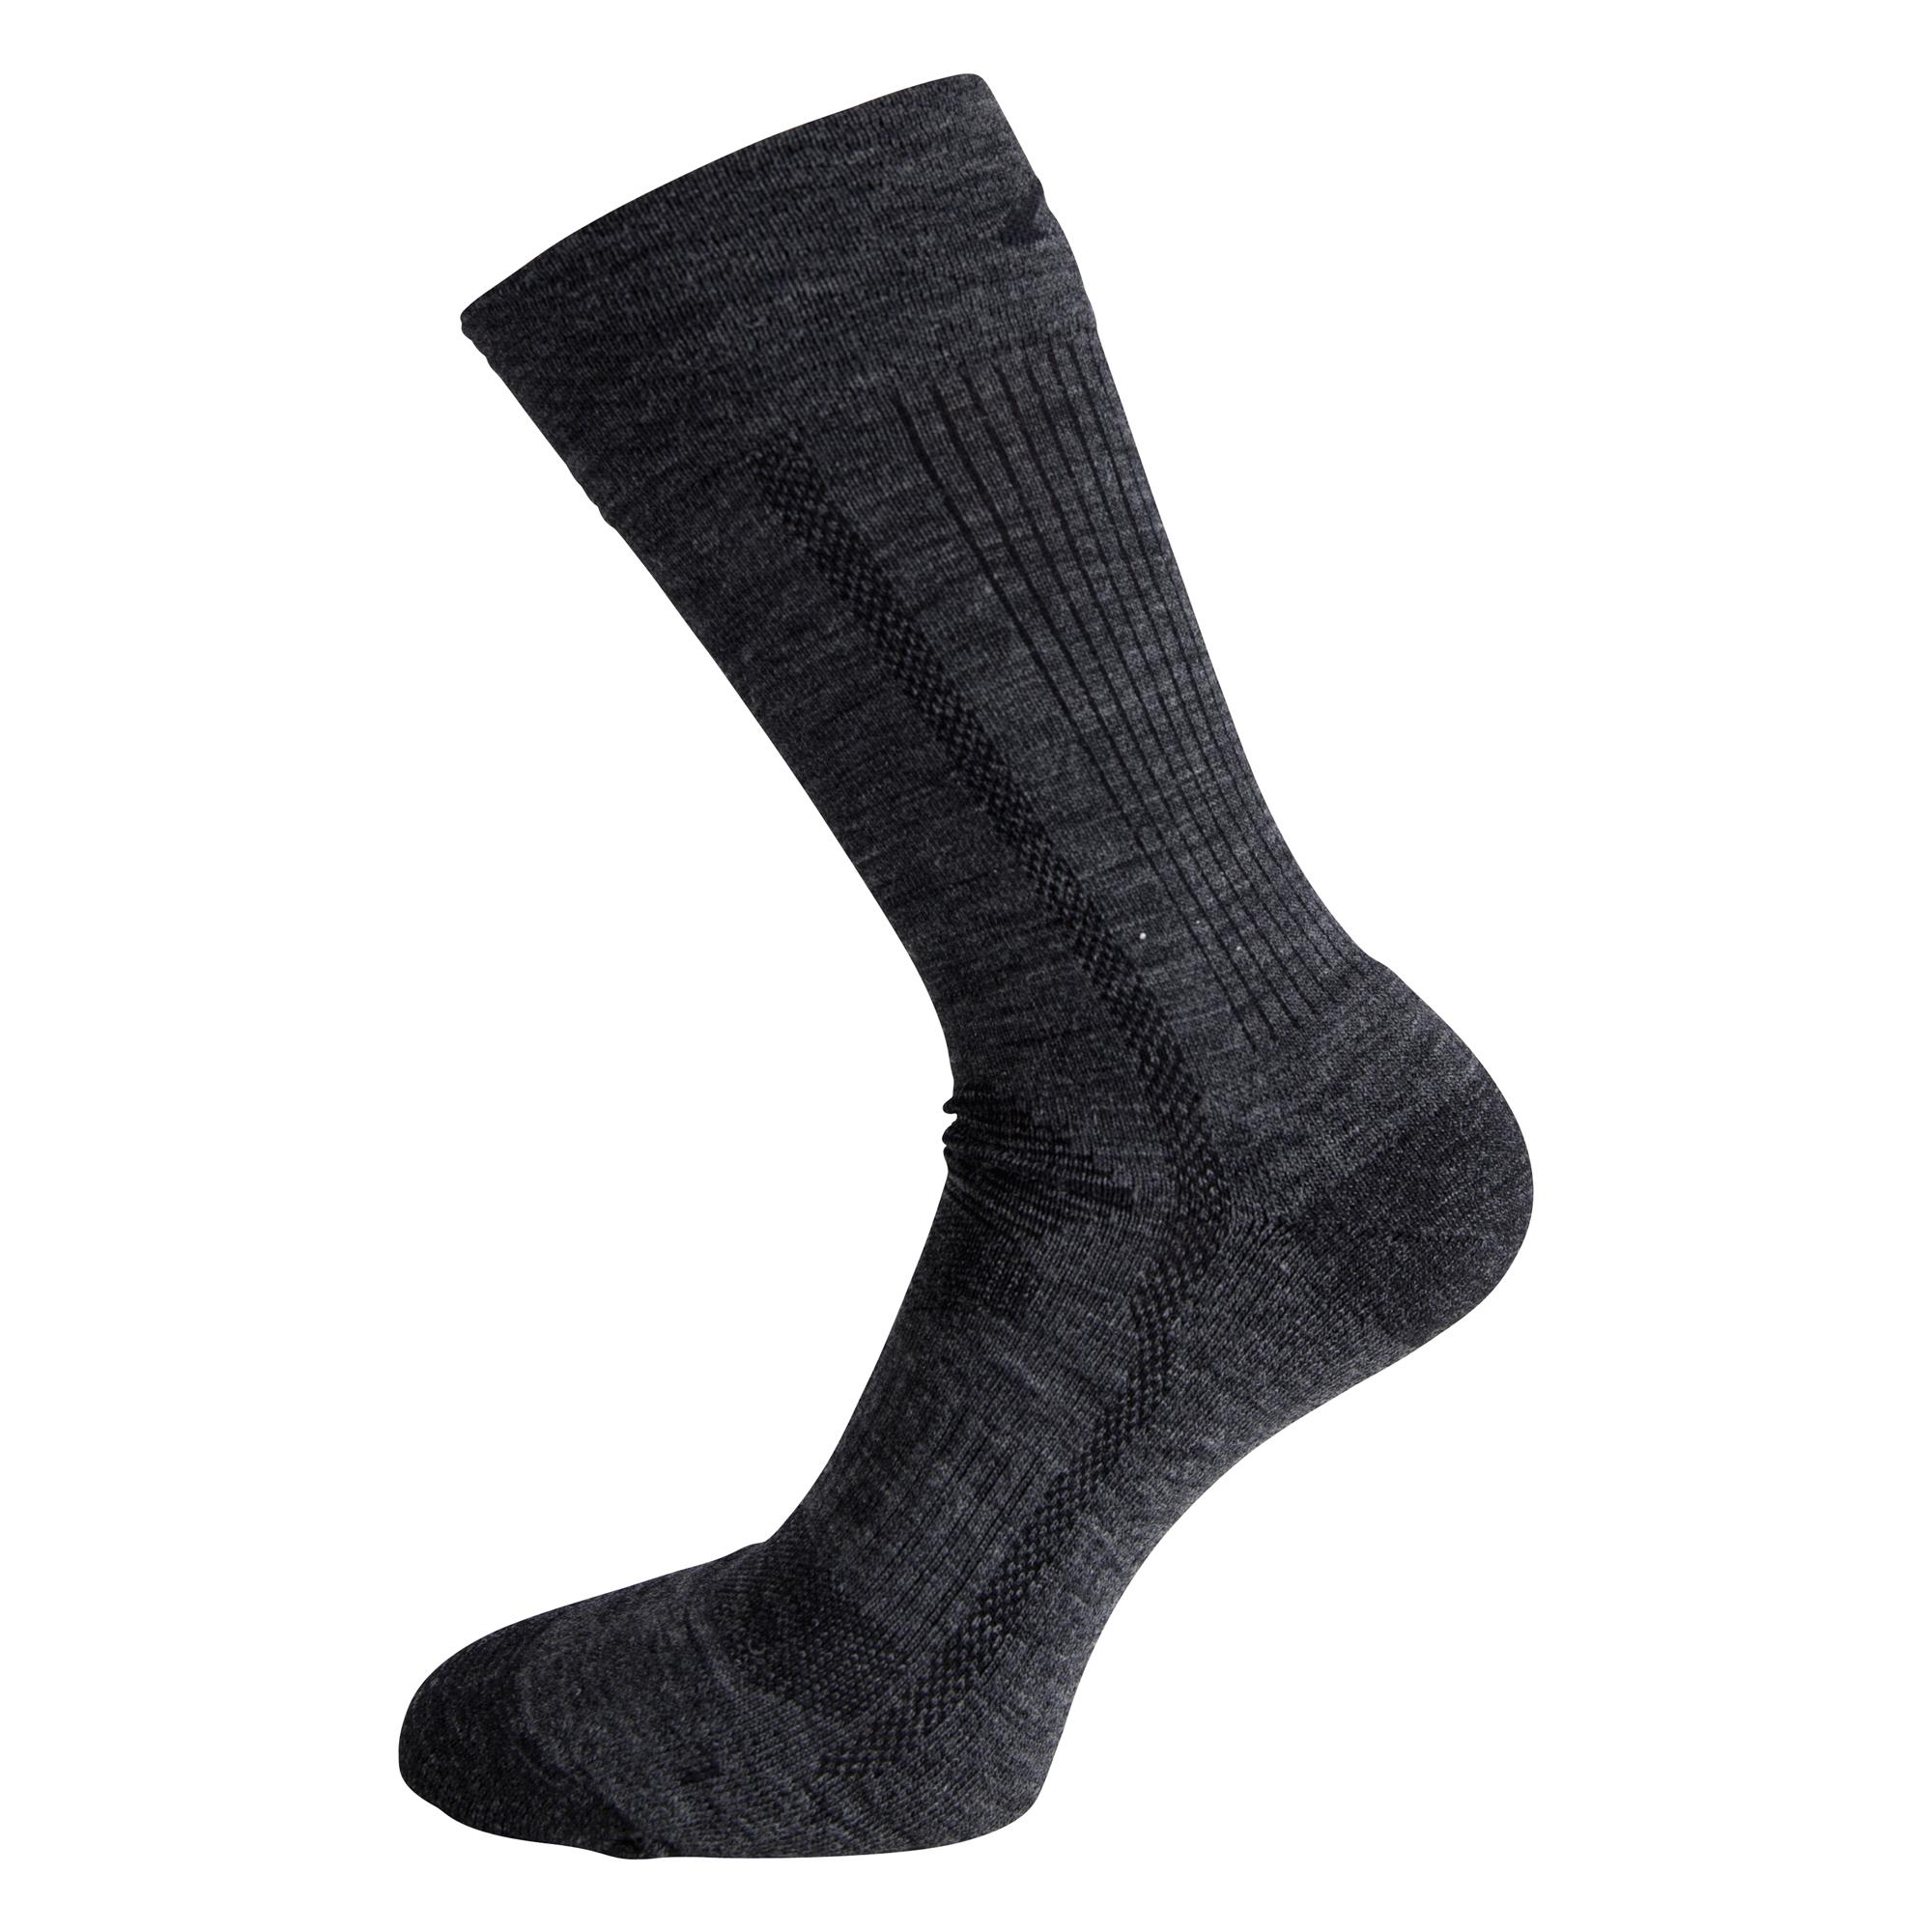 Ulvang Super - Mediumtyk uldsok - Koksgrå | Socks